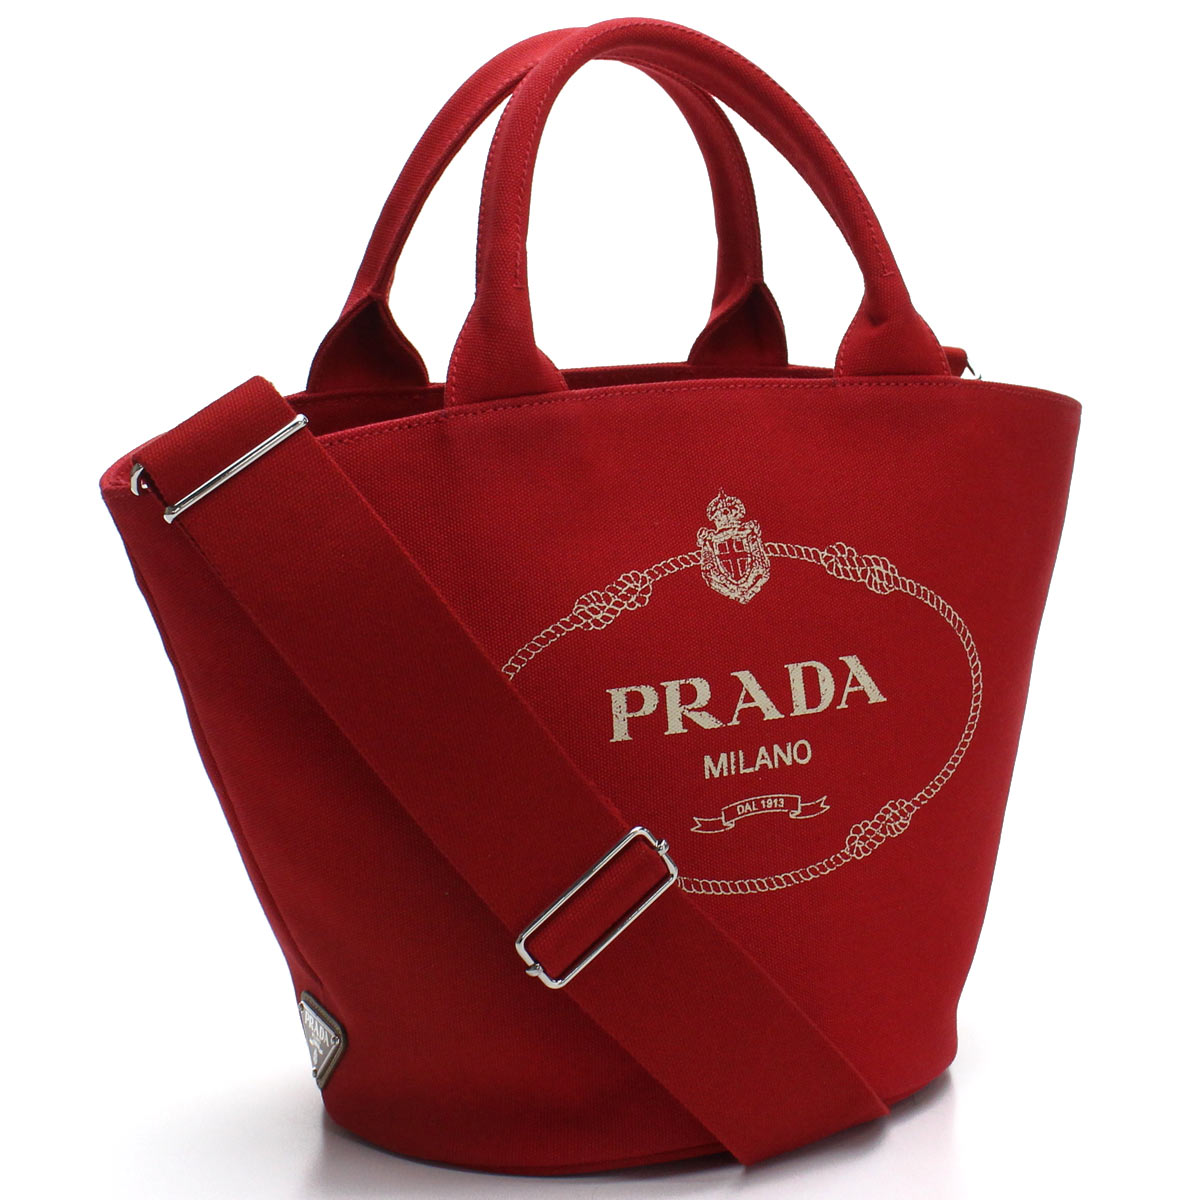 プラダ PRADA カナパ 2way ハンドバッグ 1BG186 ZKI V OOO F0011 ROSSO レッド系 【レディース】